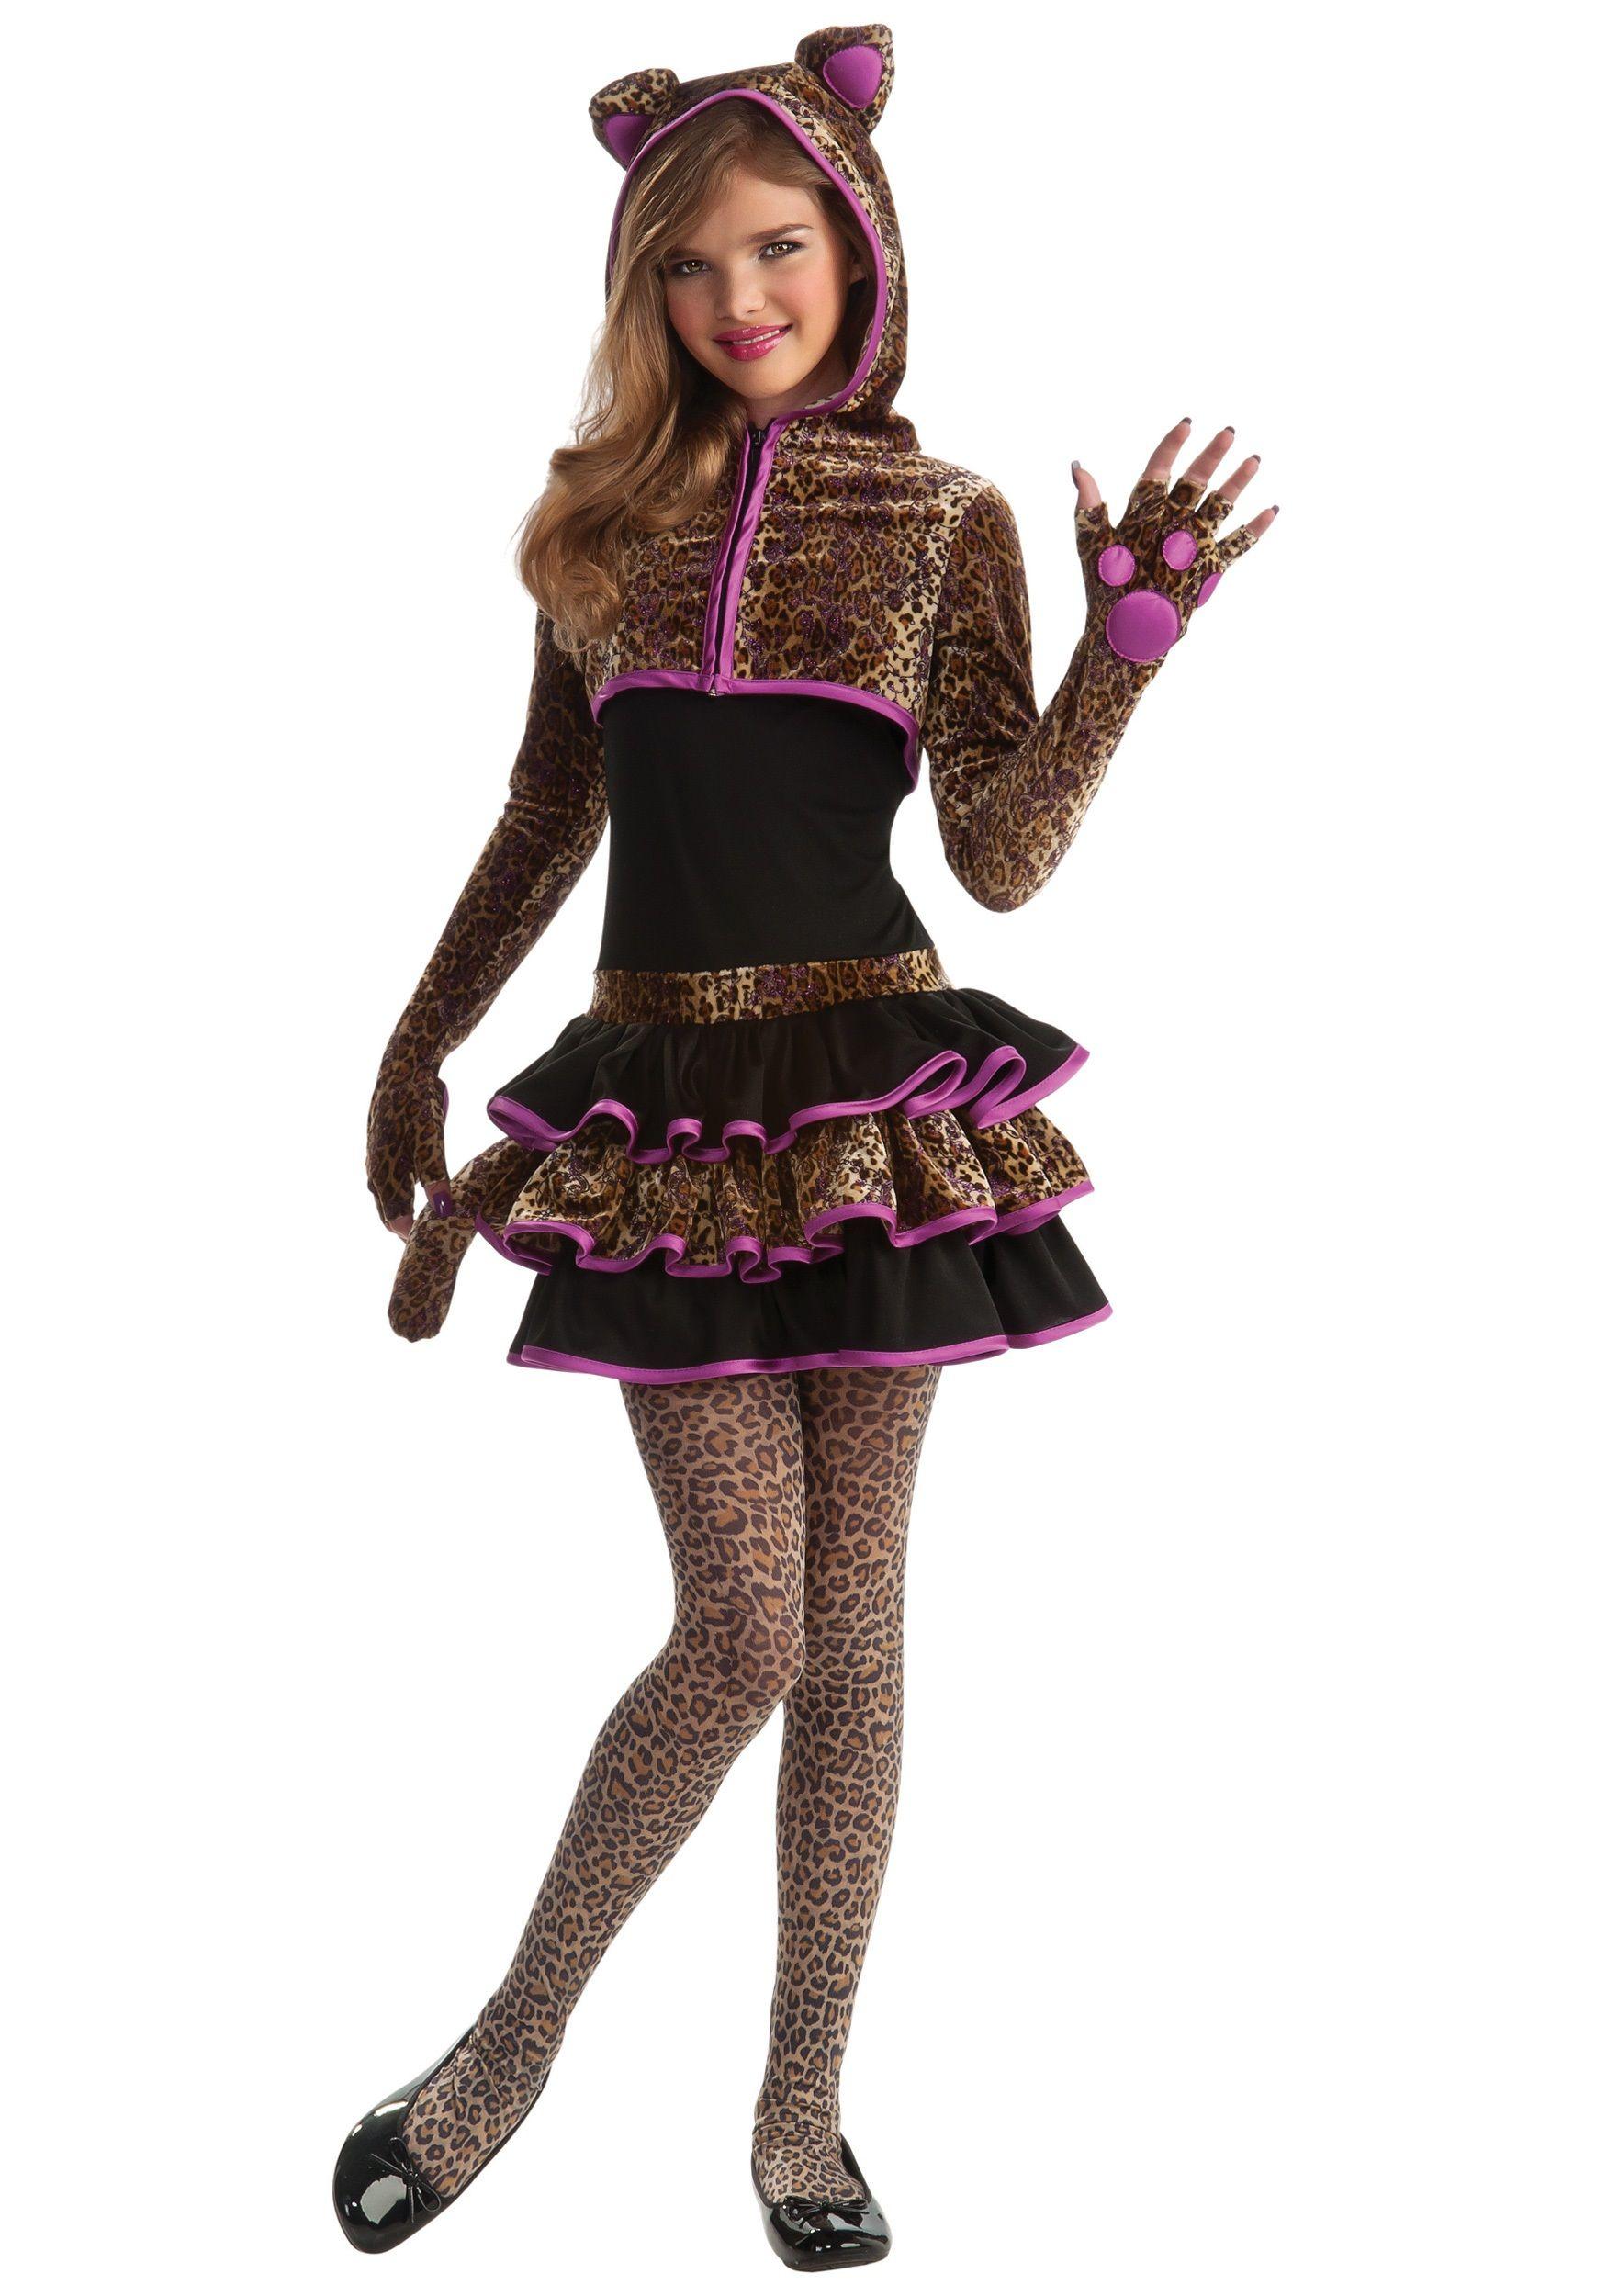 861d2a8c2086 tween halloween costumes | ... in this leopard tween girls costume the  tween leopard costume includes